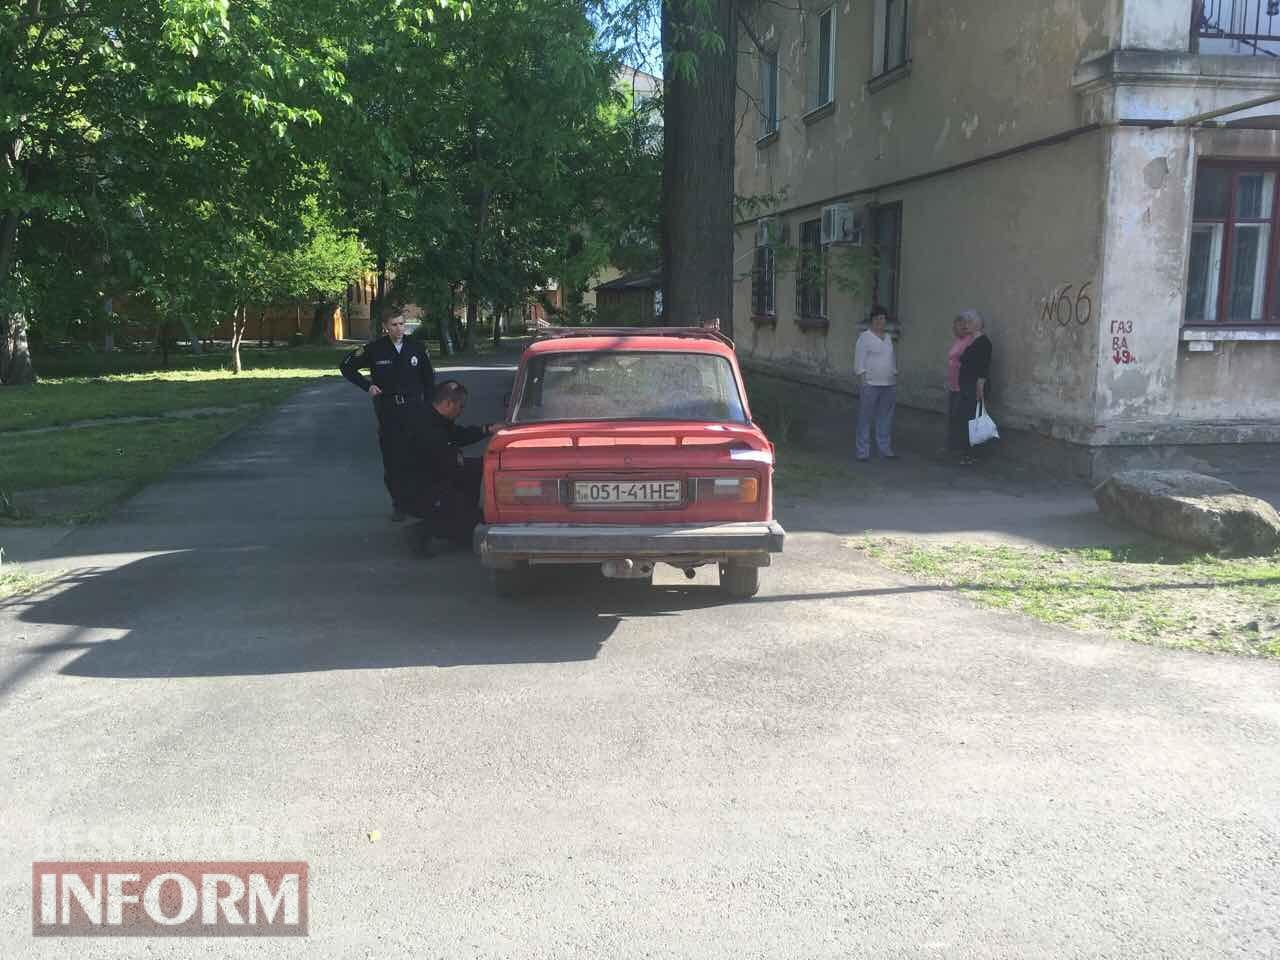 591b1de72bb38_avtomobil-VAZ-2106 Бдительные измаильчанки сообщили в полицию о подозрительном автомобиле